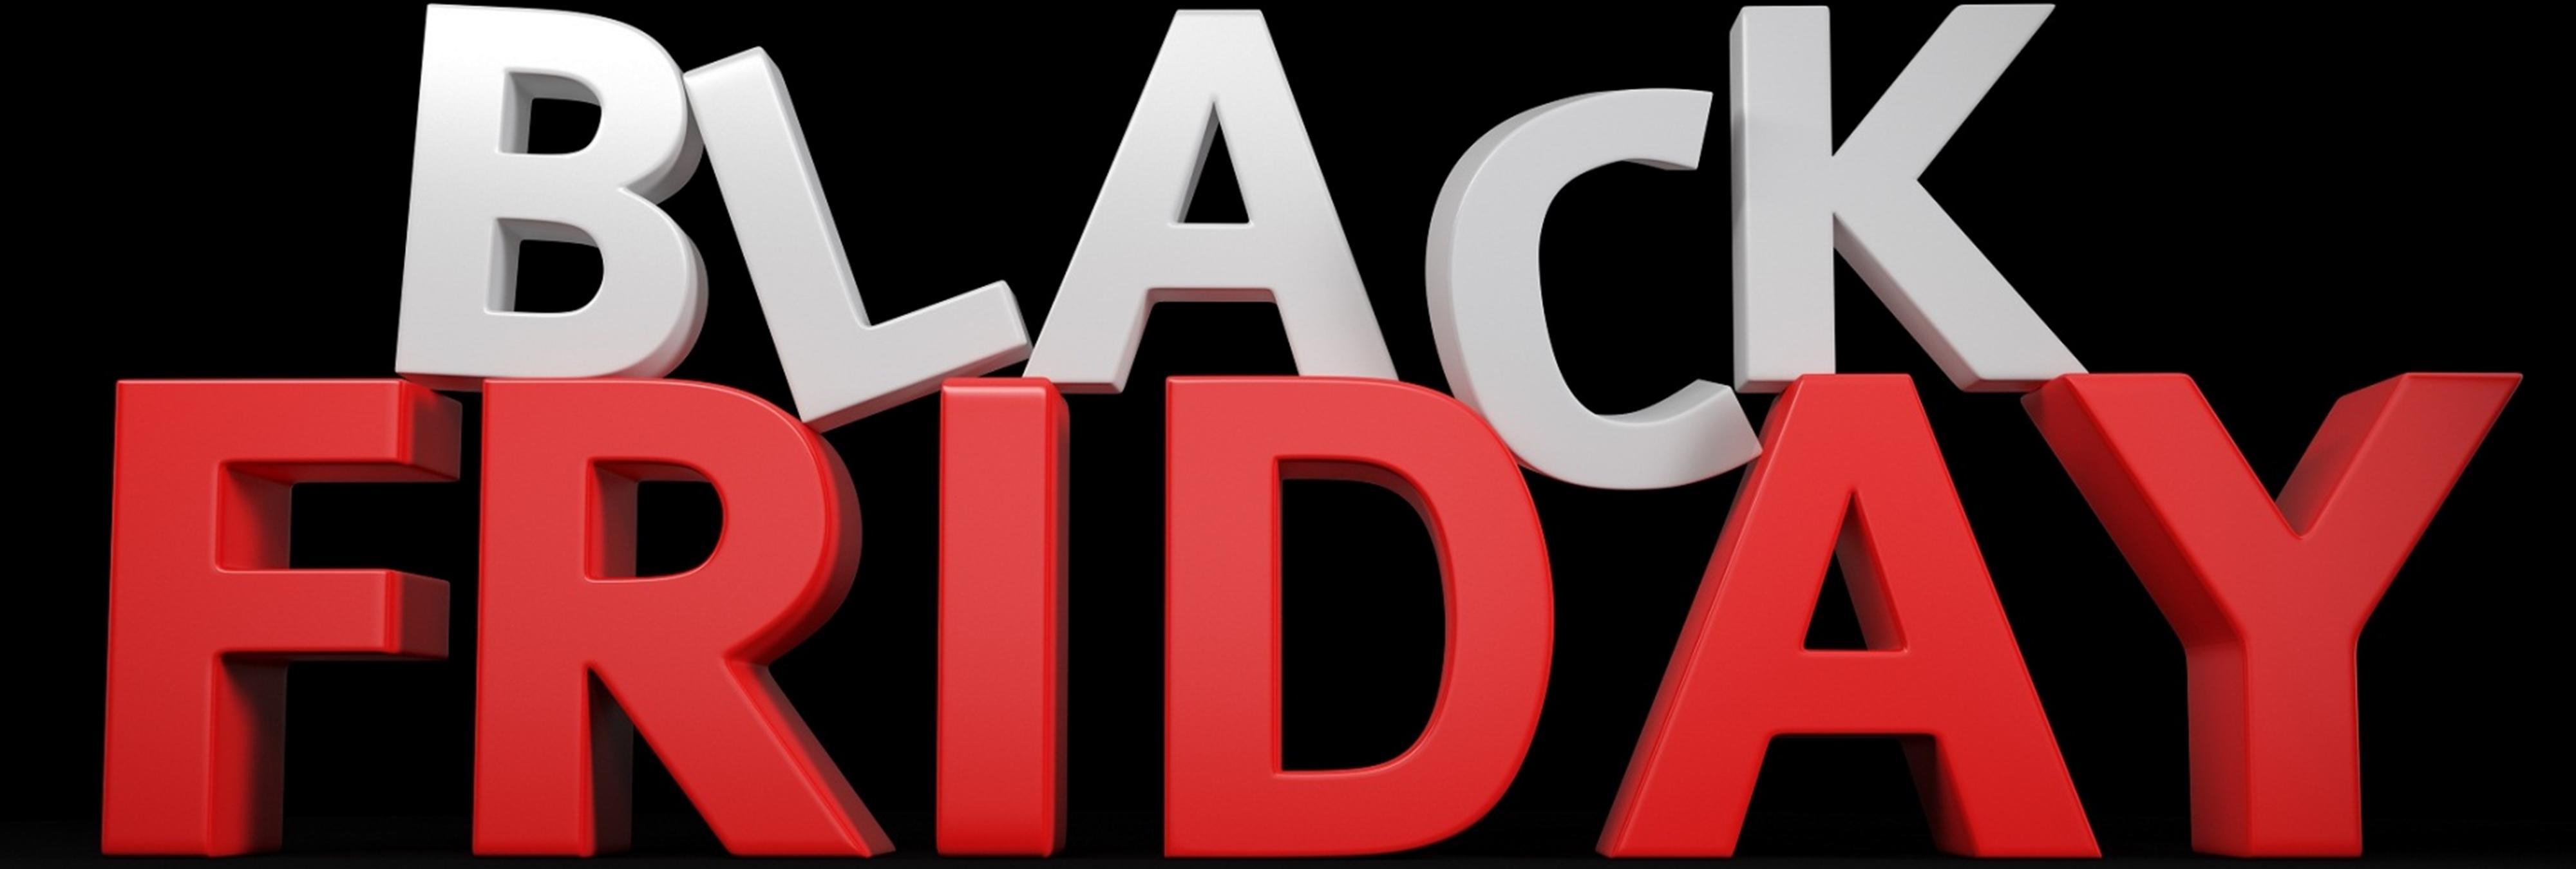 Aprovecha al máximo el Black Friday con las mayores ofertas en electrónica y juguetería